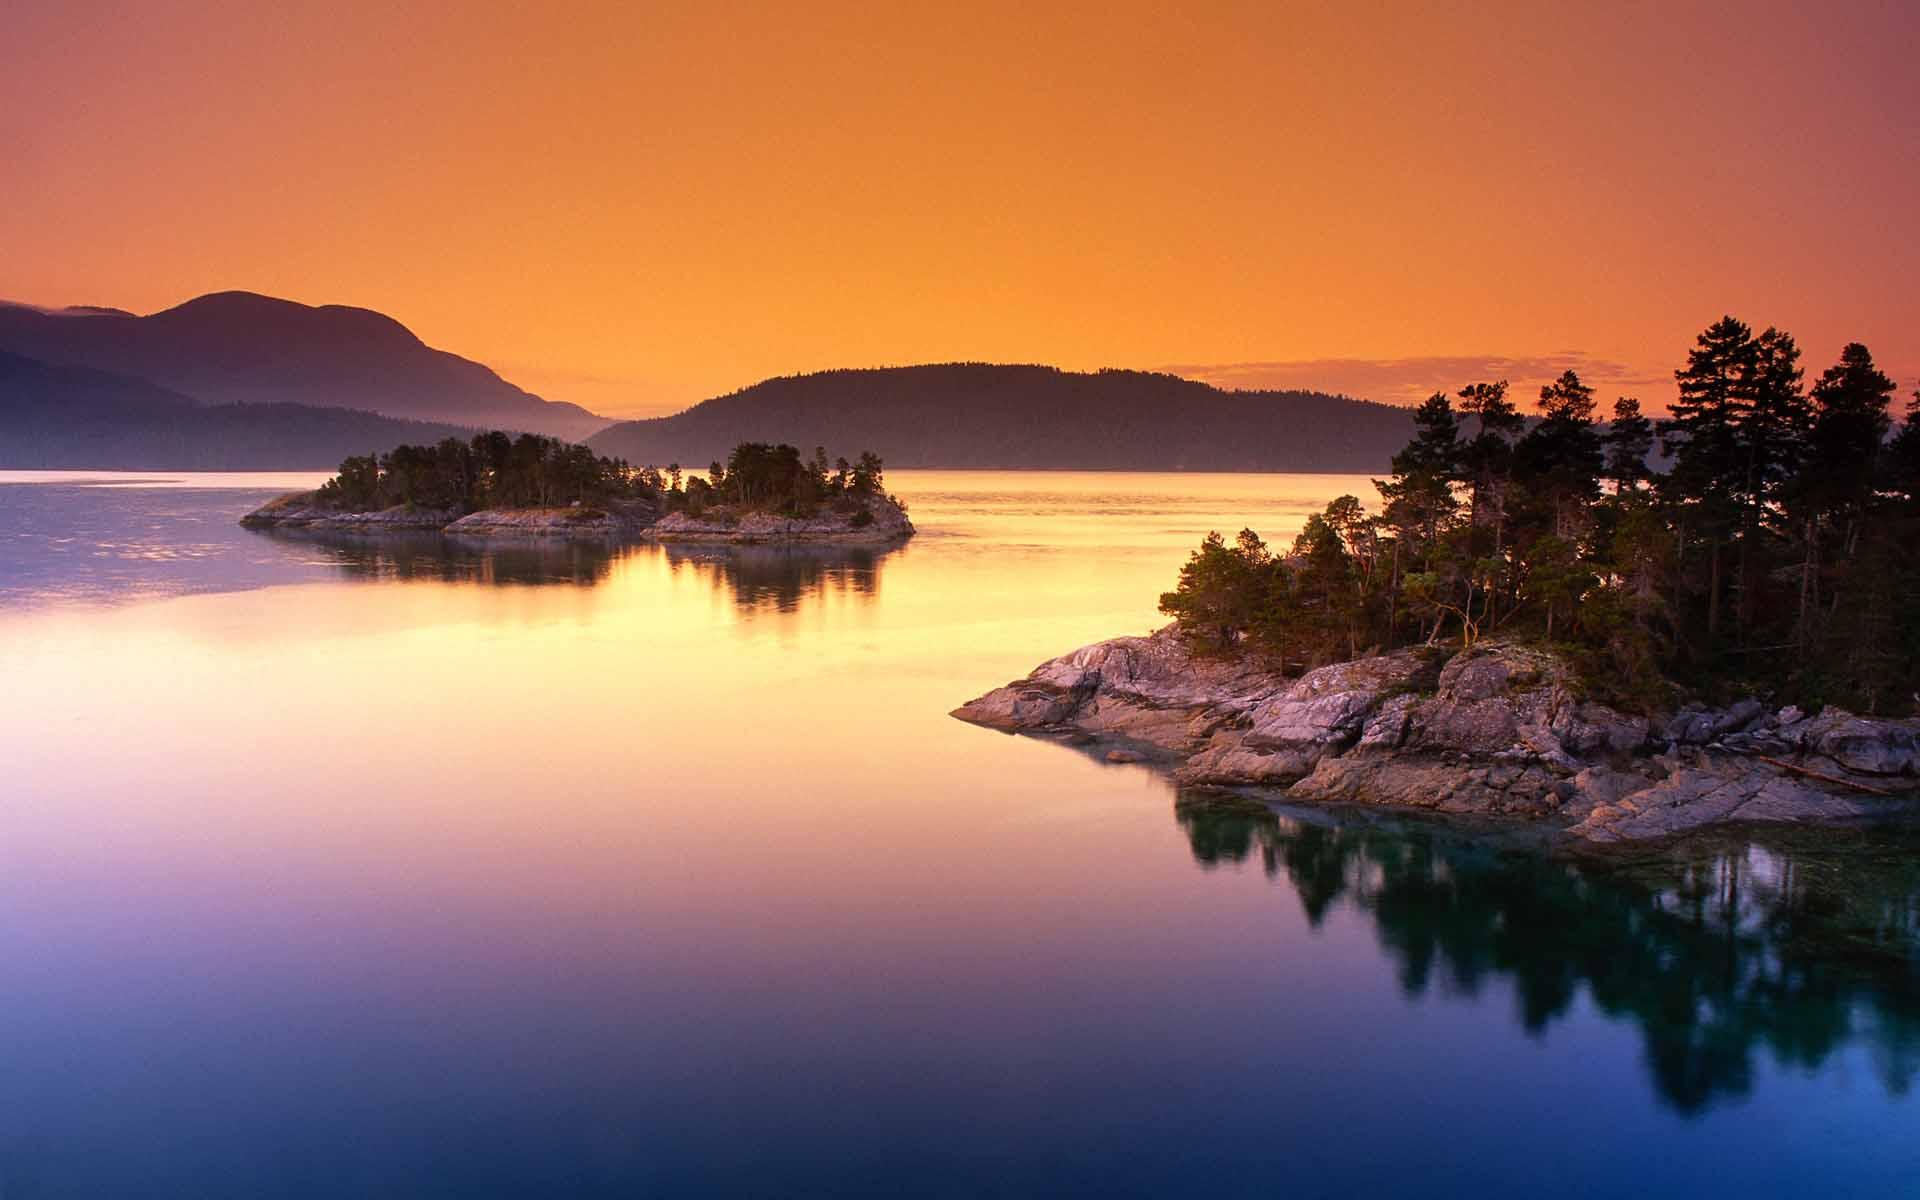 Fond d'ecran Lac au crépuscule